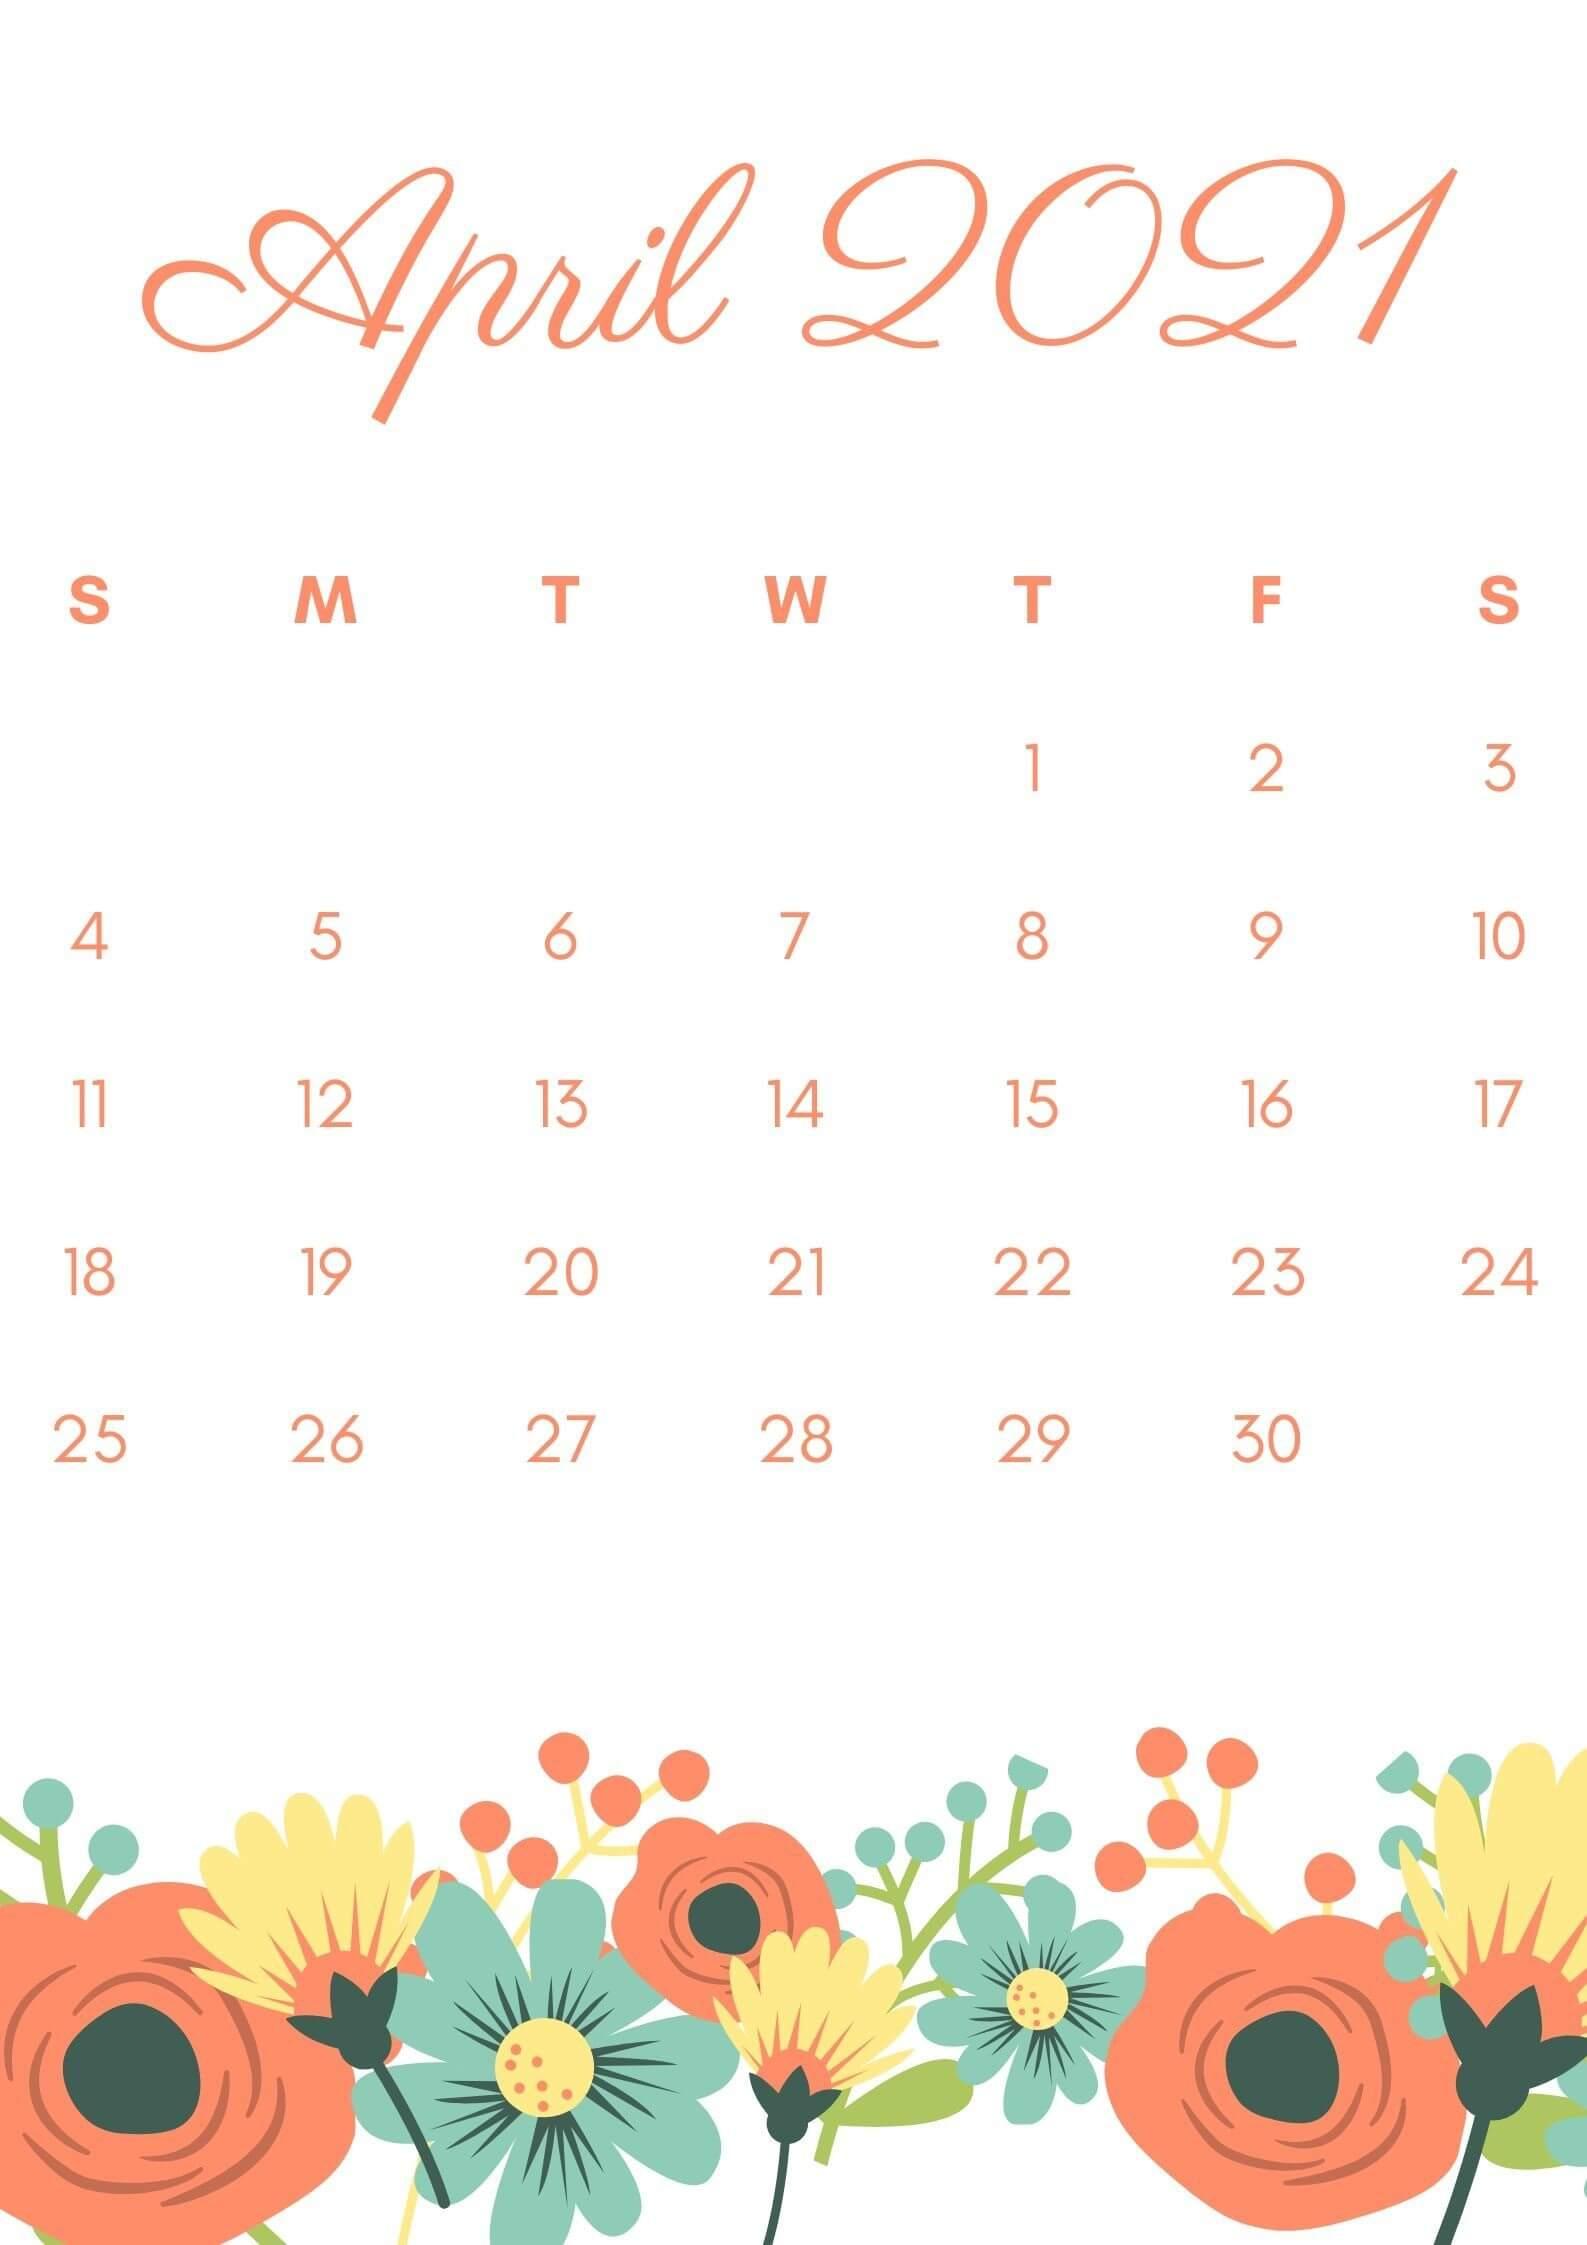 Floral April 2021 Calendar Wallpaper